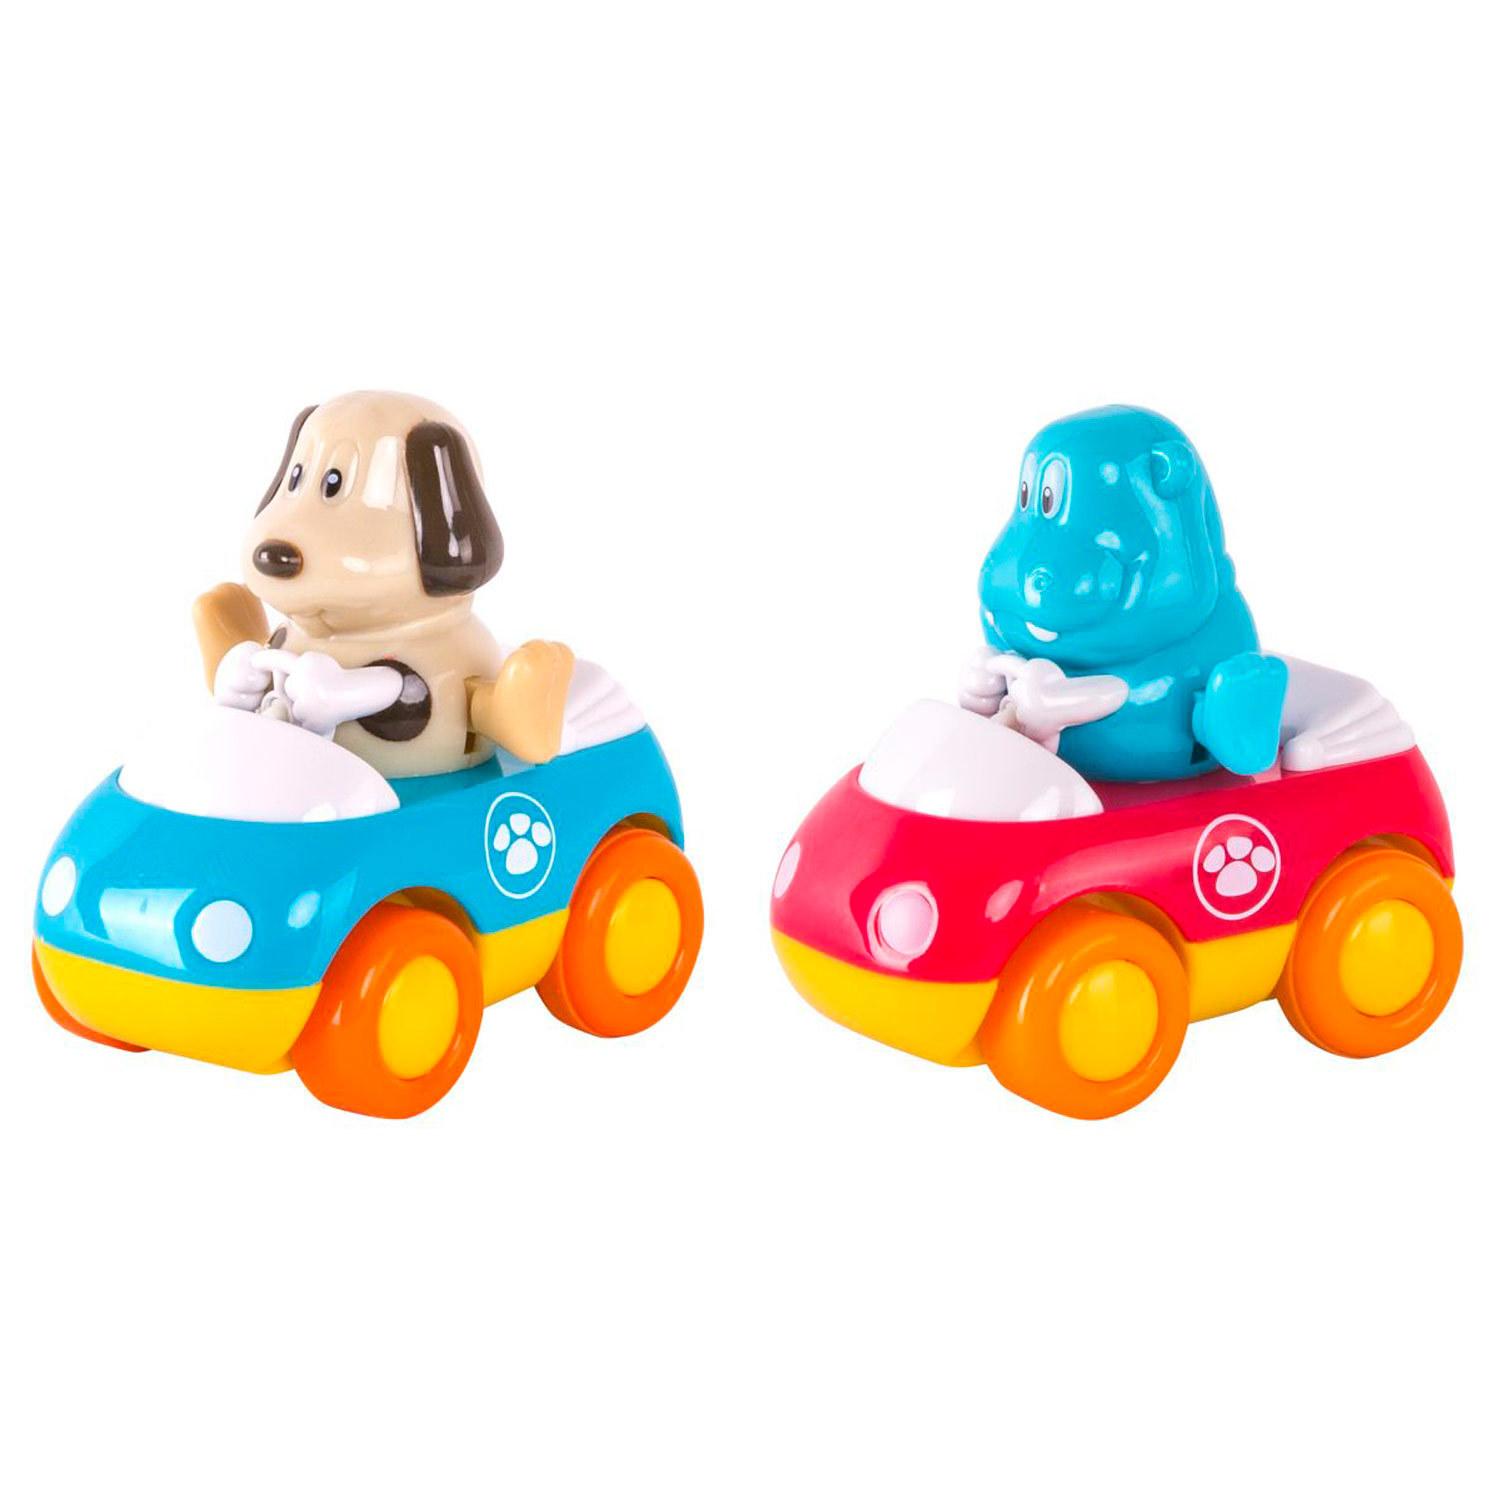 Набор - Зверушки на колесиках - Щенок и бегемотикМашинки для малышей<br>Набор - Зверушки на колесиках - Щенок и бегемотик<br>